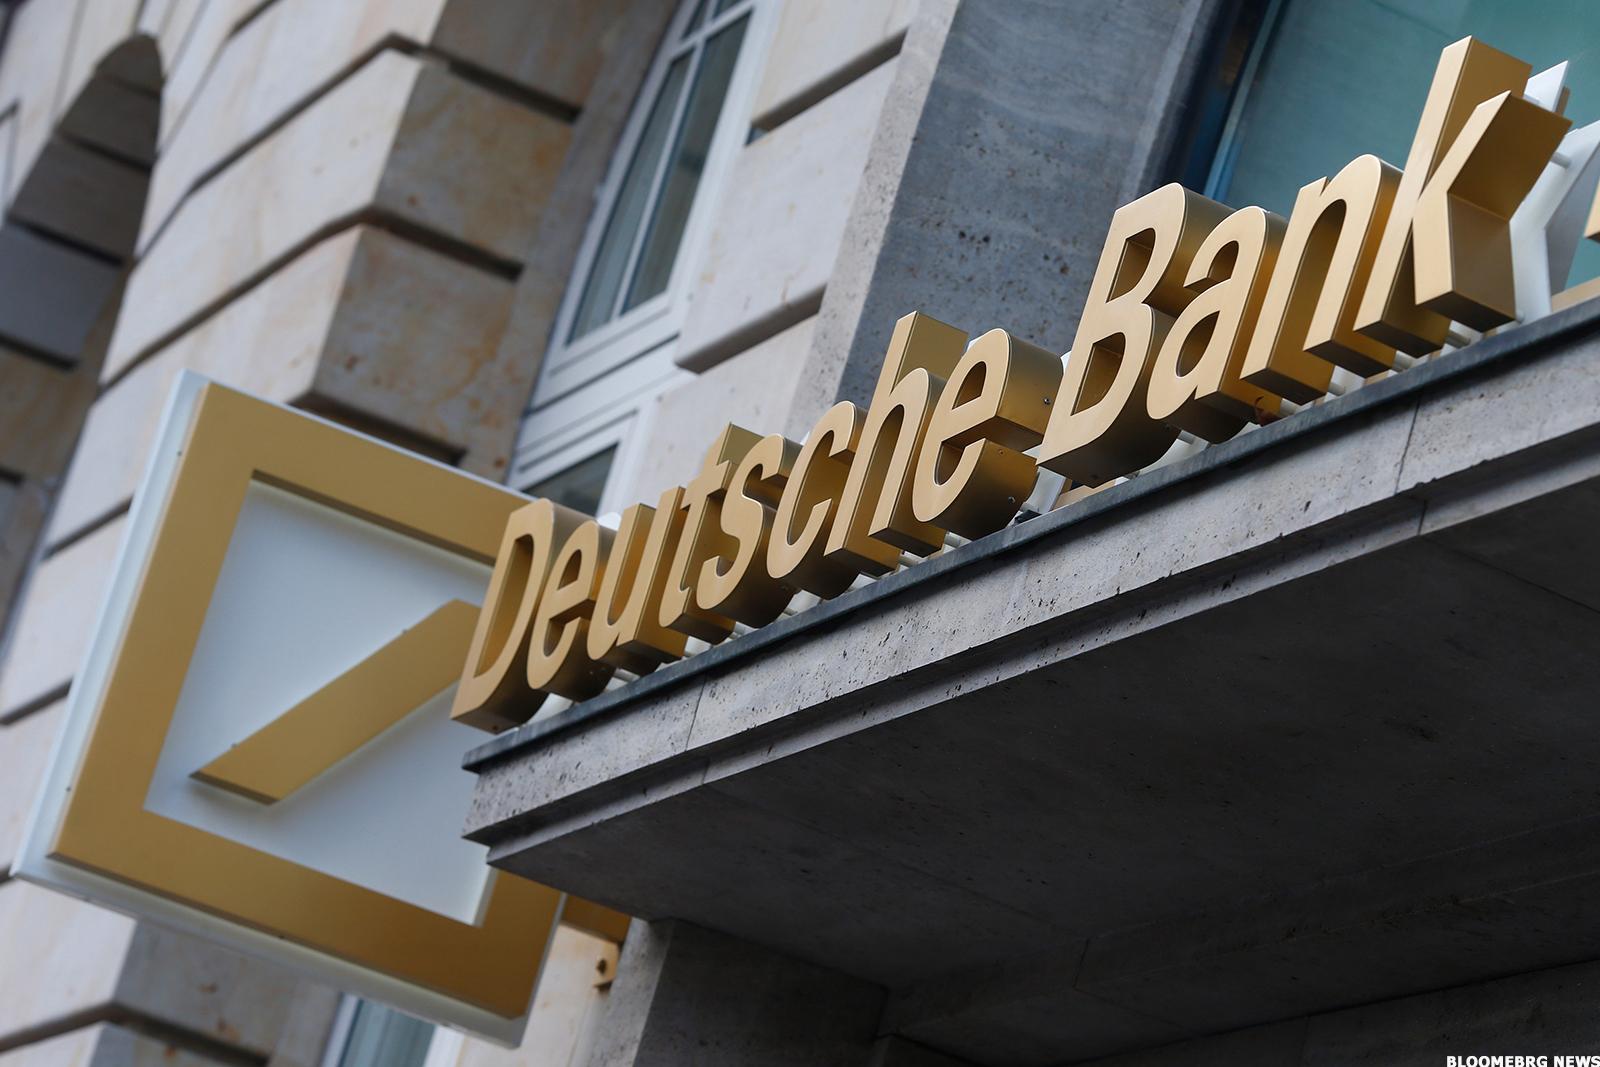 deutschebank2